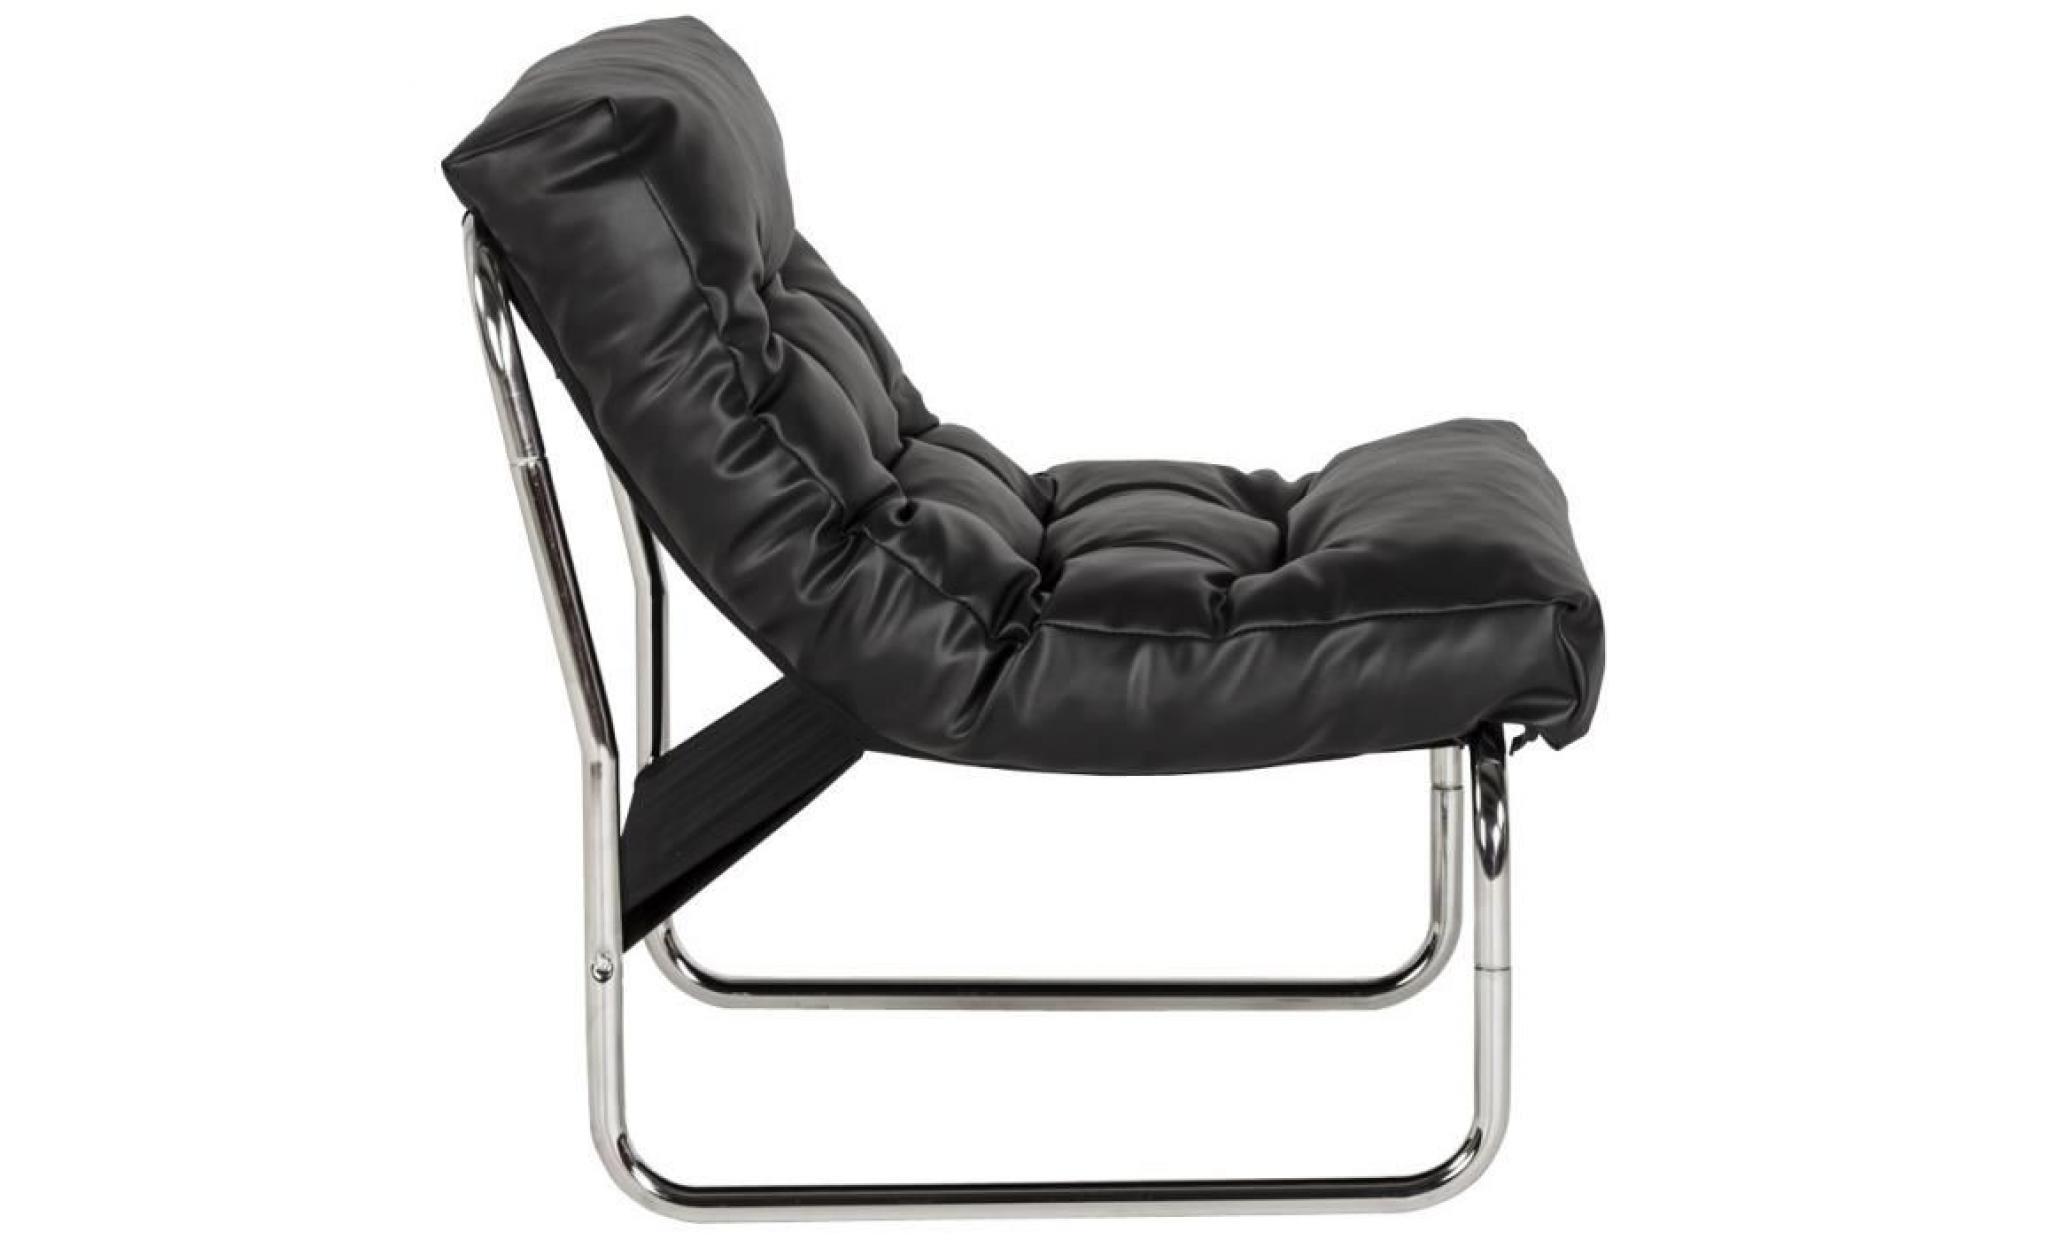 Fauteuil lounge 39 fado 39 noir achat vente fauteuil pas cher couleur - Fauteuil noir pas cher ...